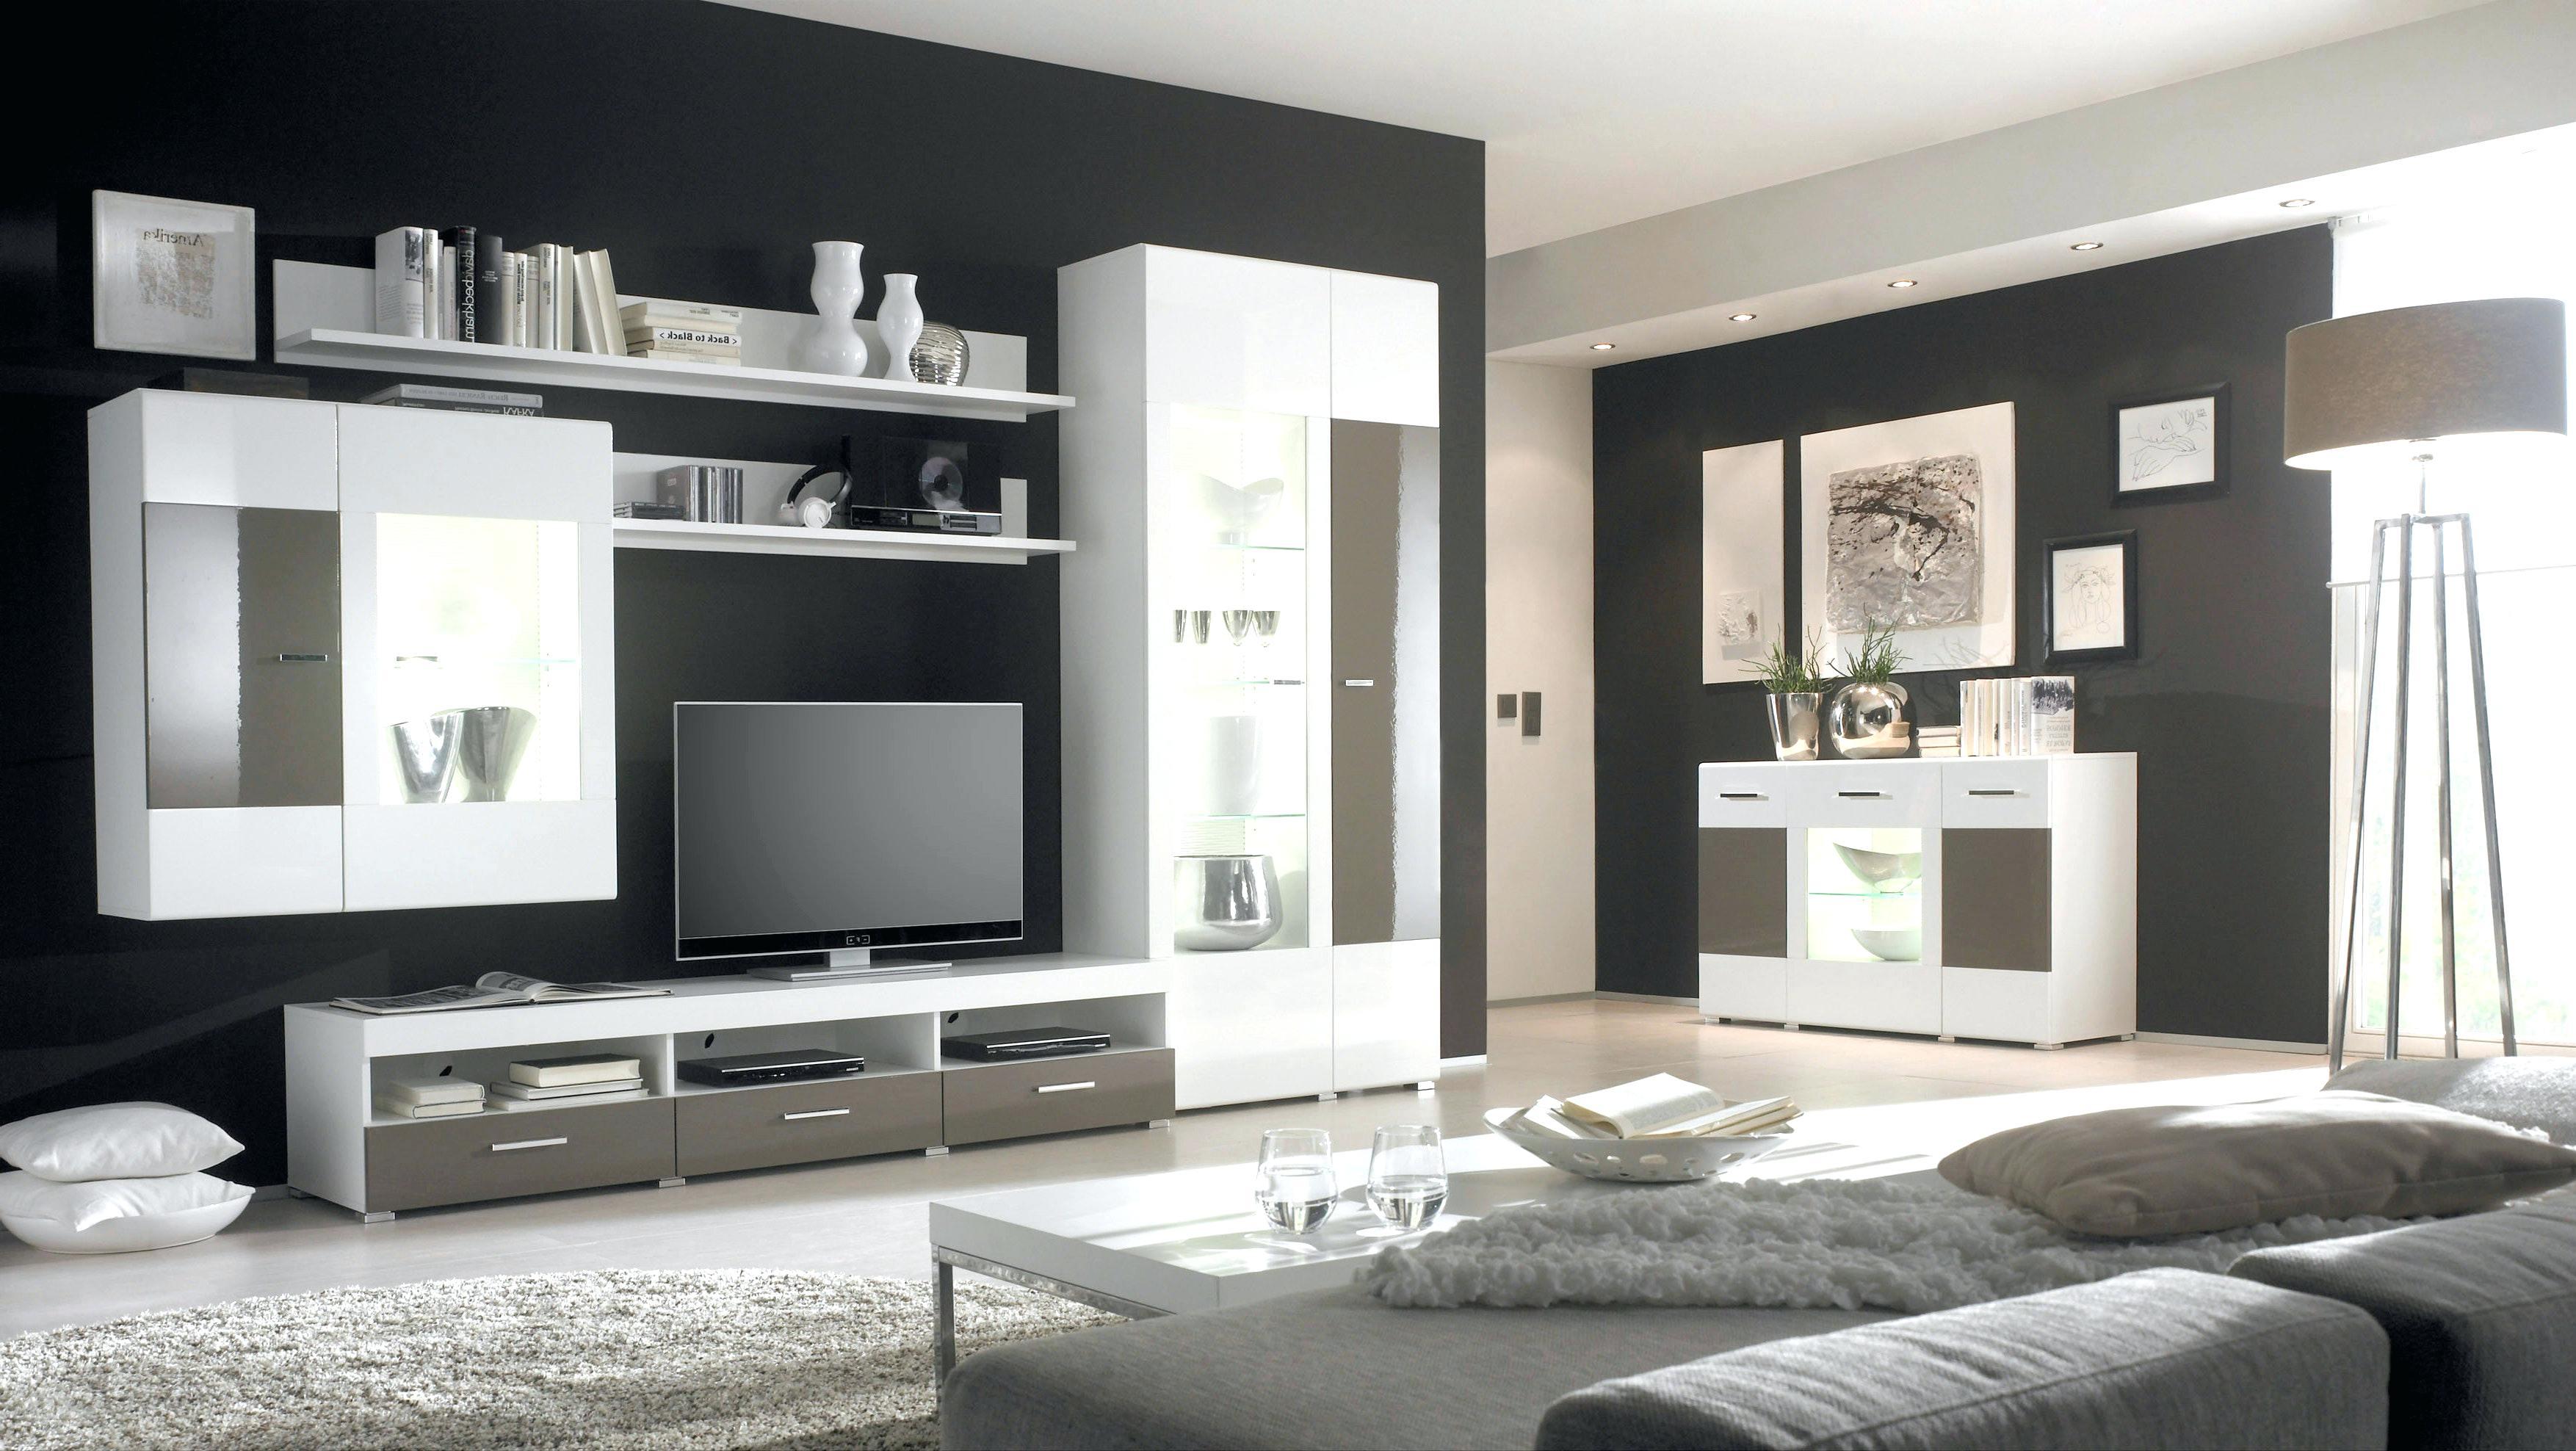 Wohnzimmer Wand Grau Streifen